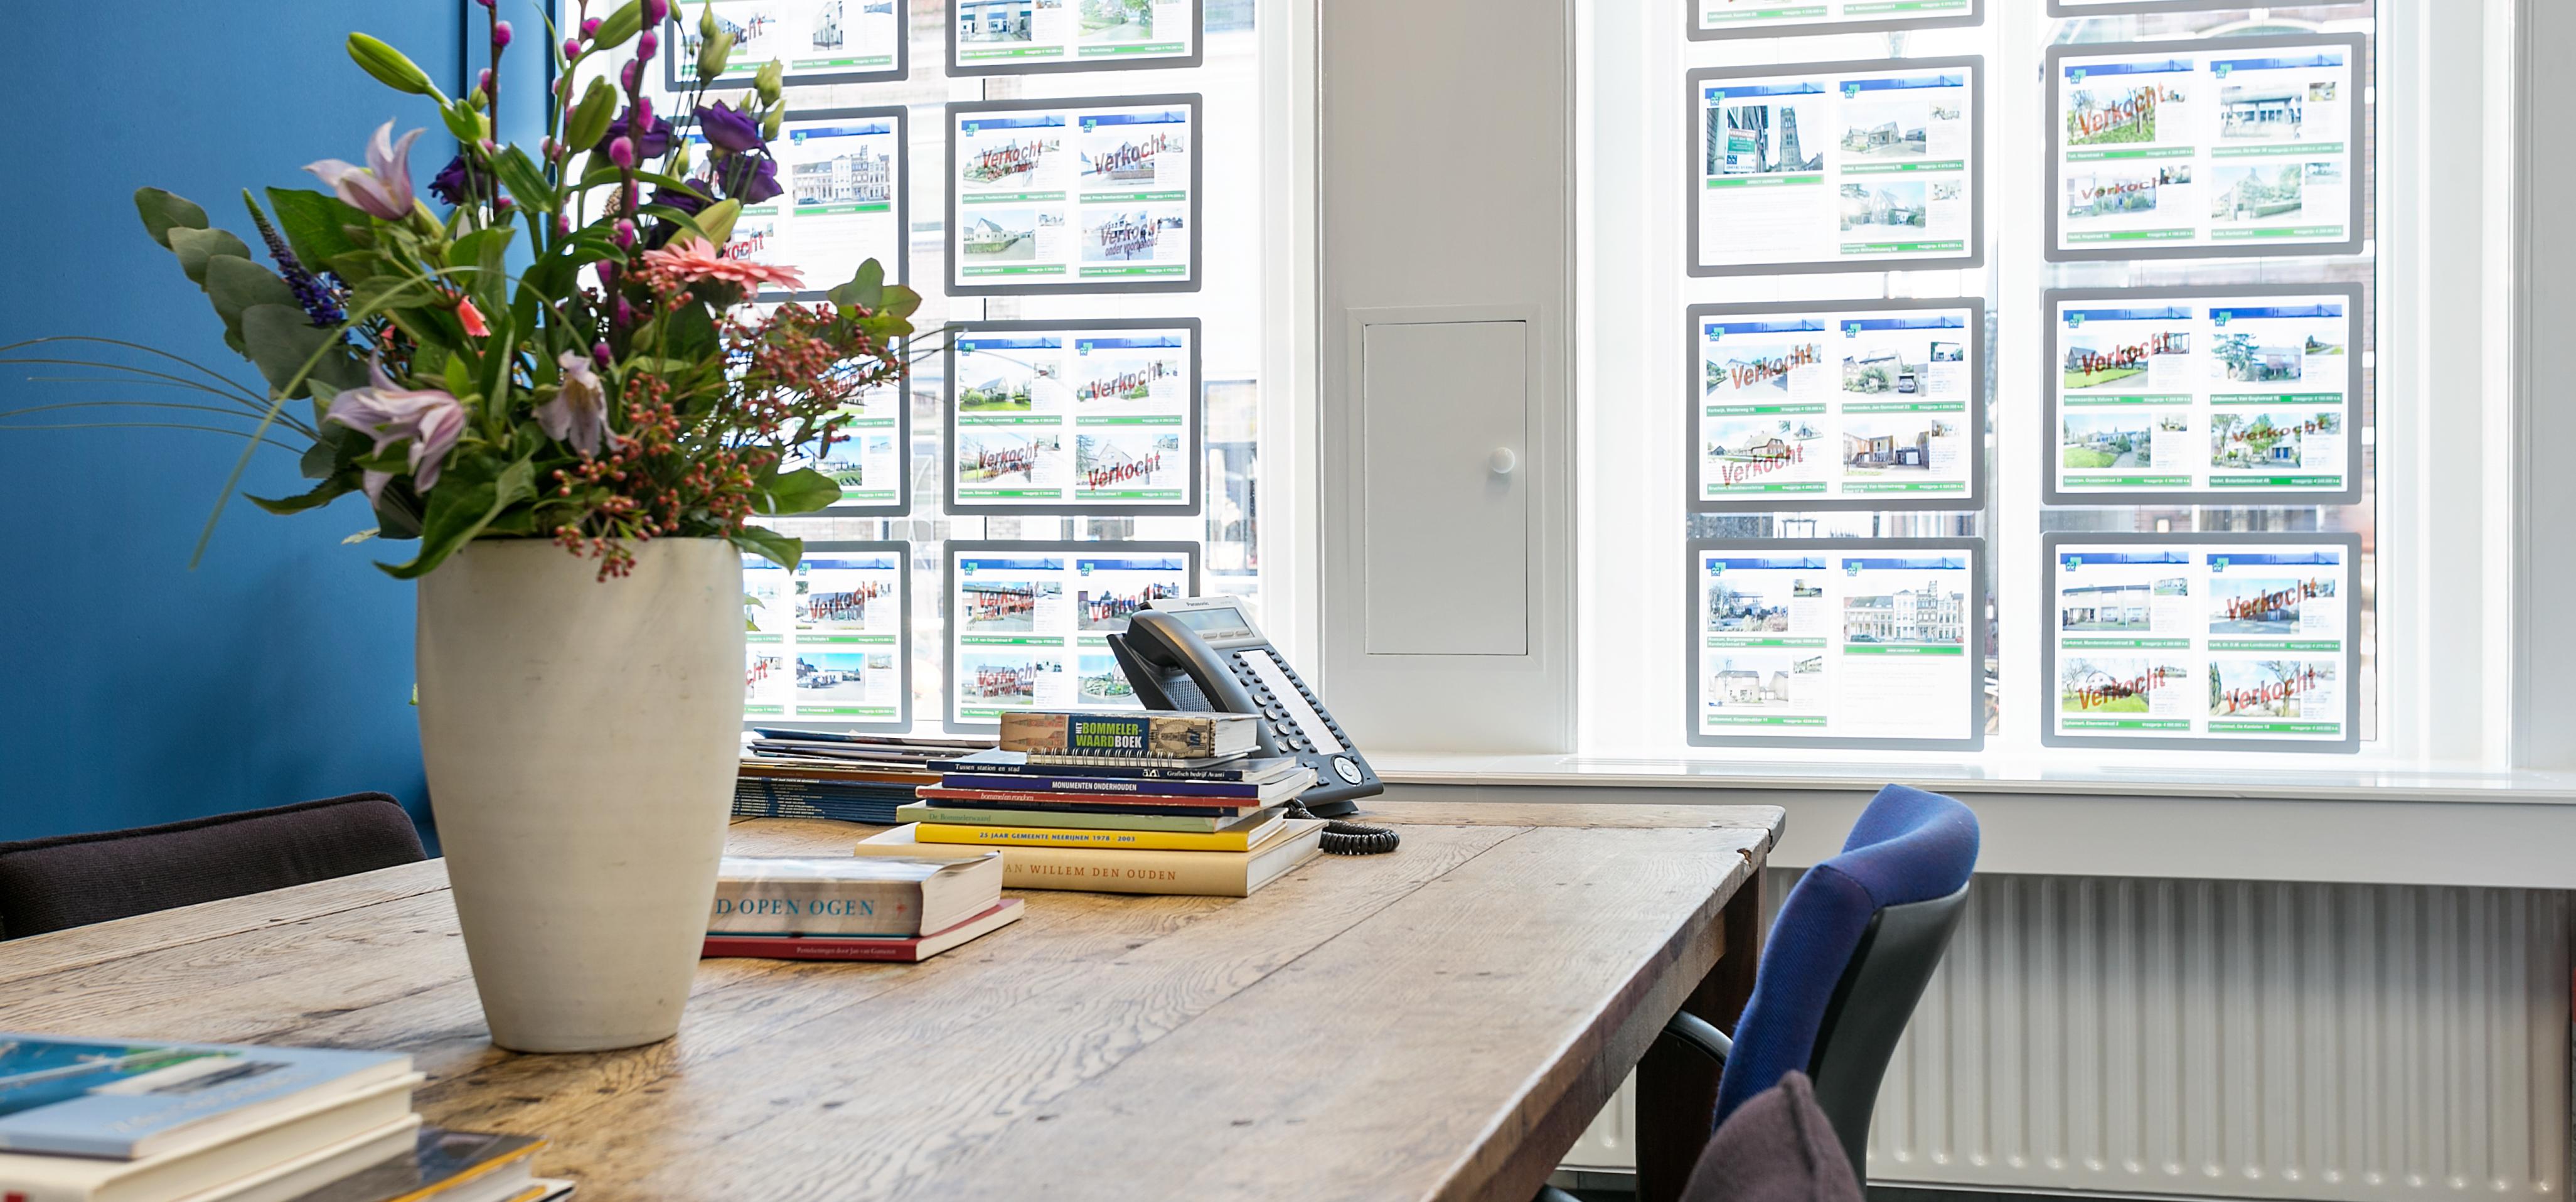 Neerijnen, Maasdriel, Zaltbommel, makelaar, makelaardij, Van der Wal, woningmakelaardij, bedrijfsmakelaardij, huis verkopen, succesvol verkopen